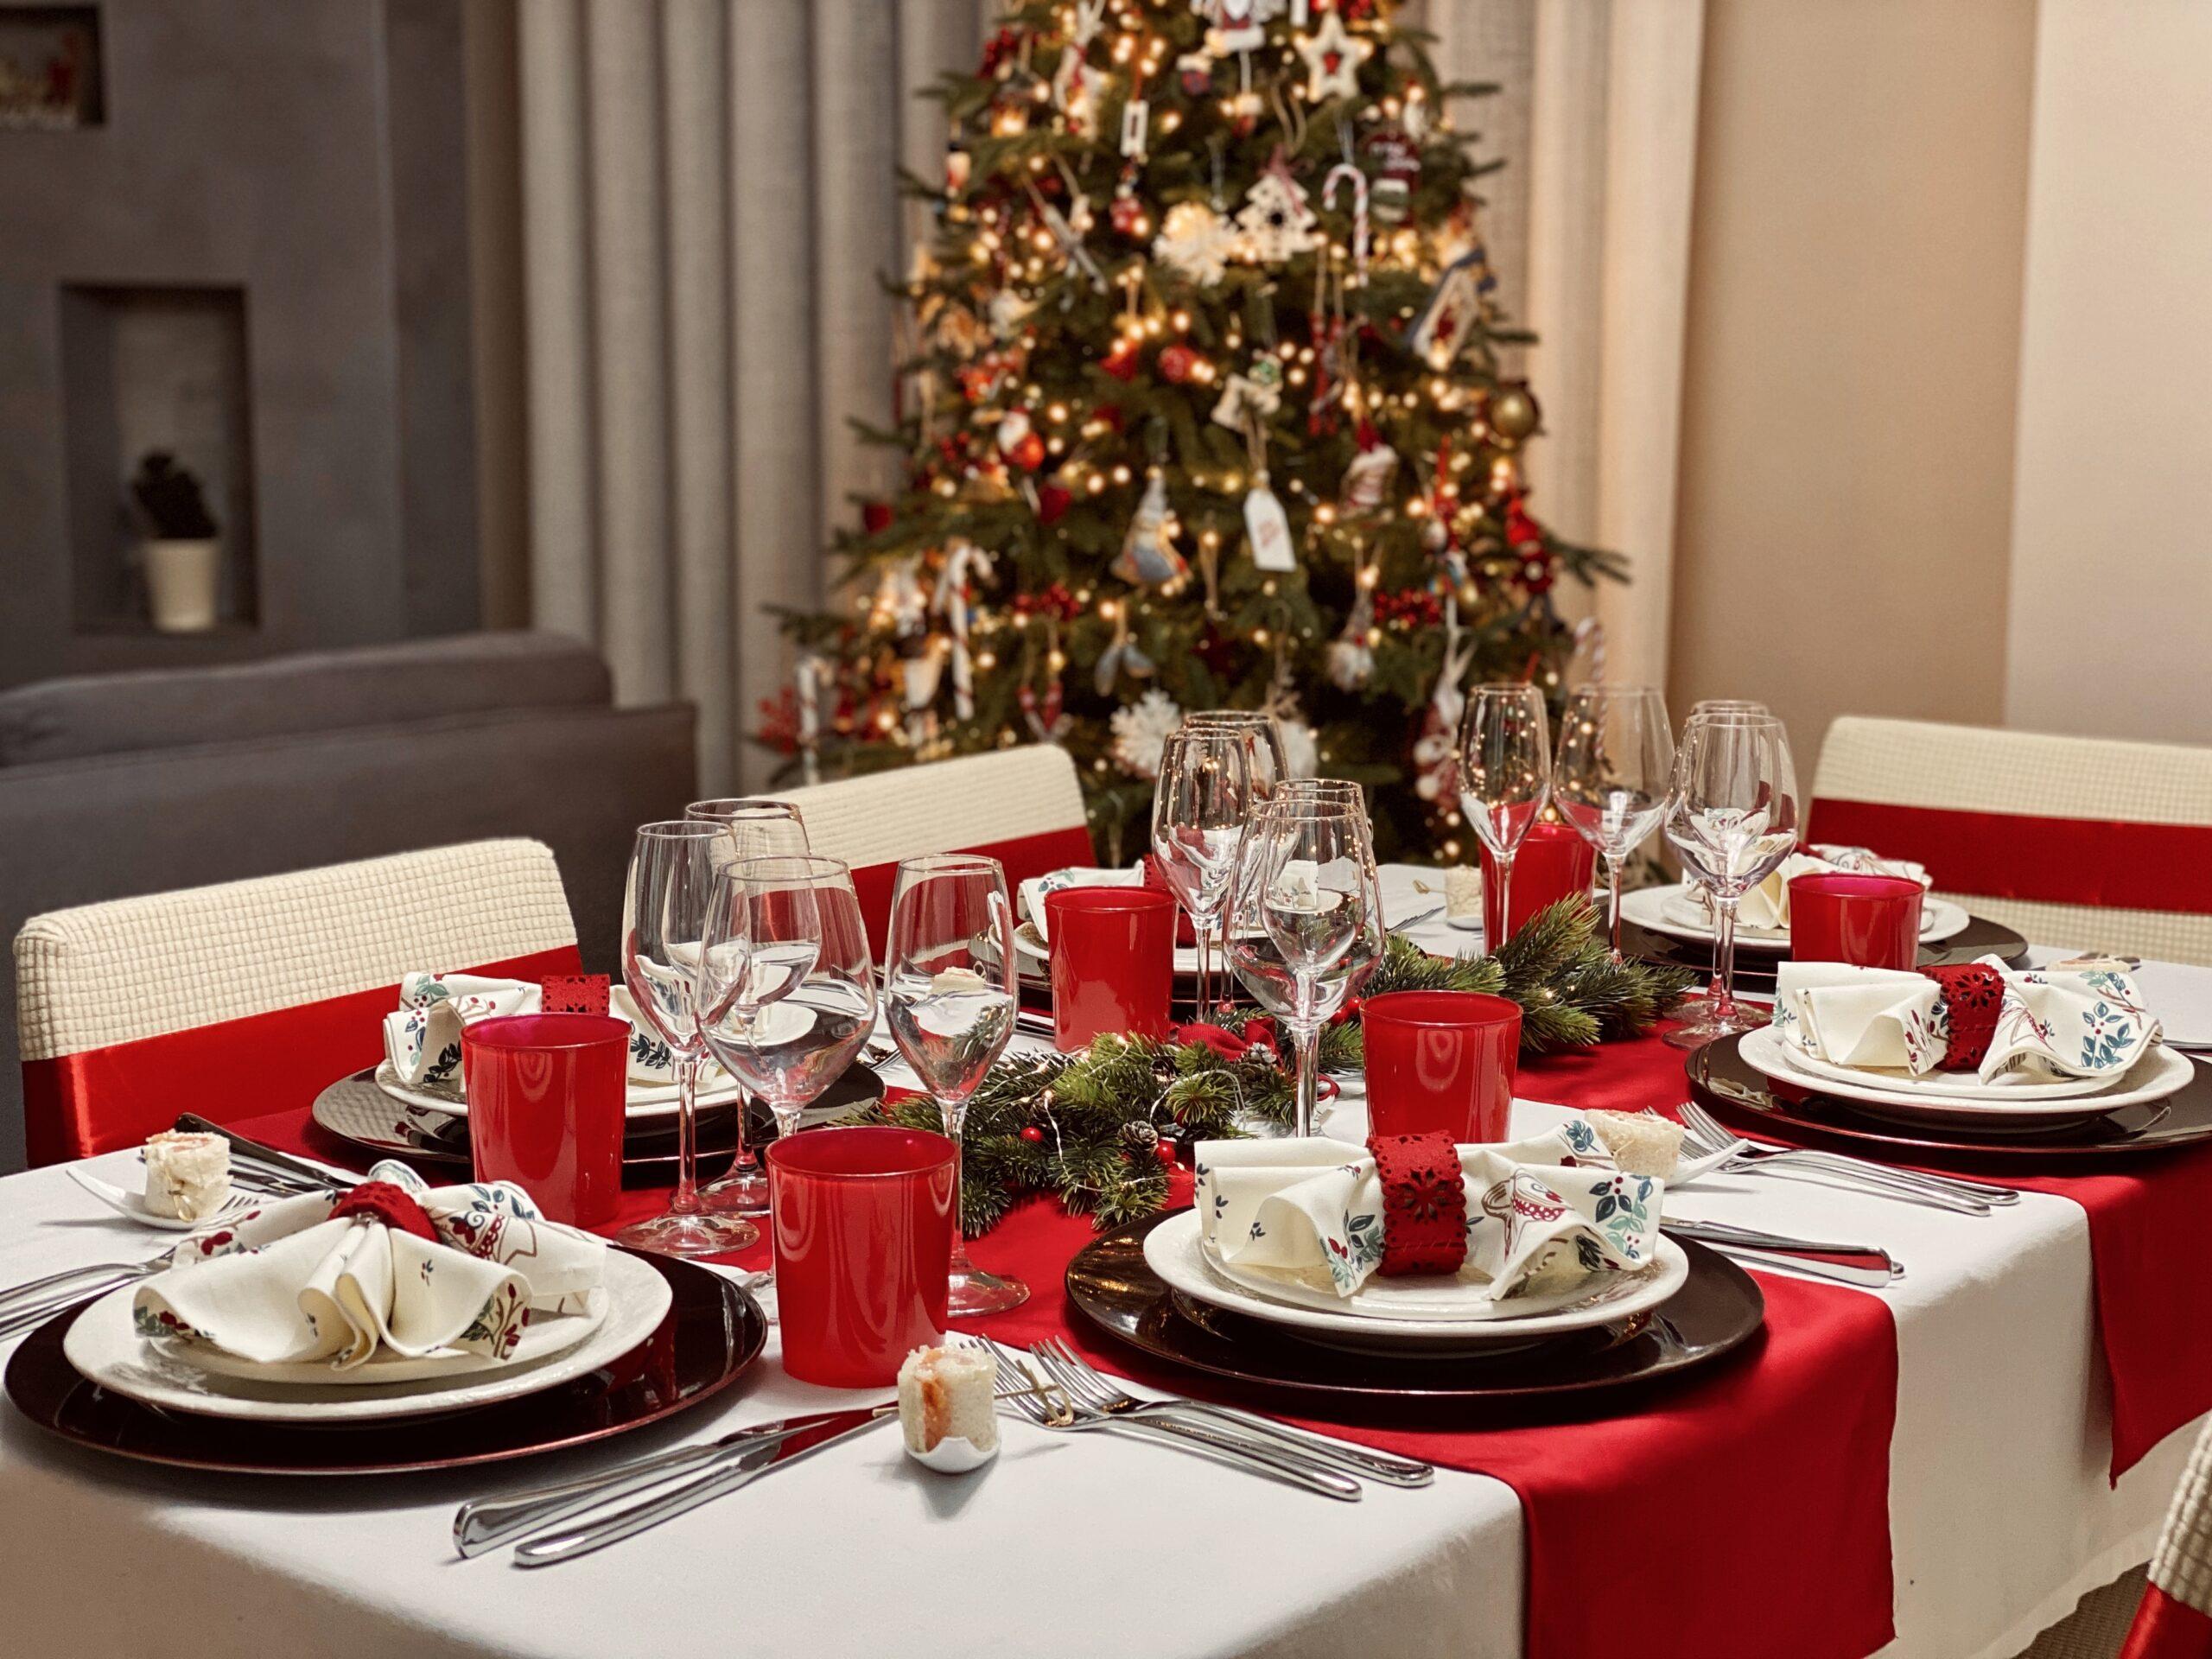 Regole e divieti per Natale e Capodanno, domande e risposte